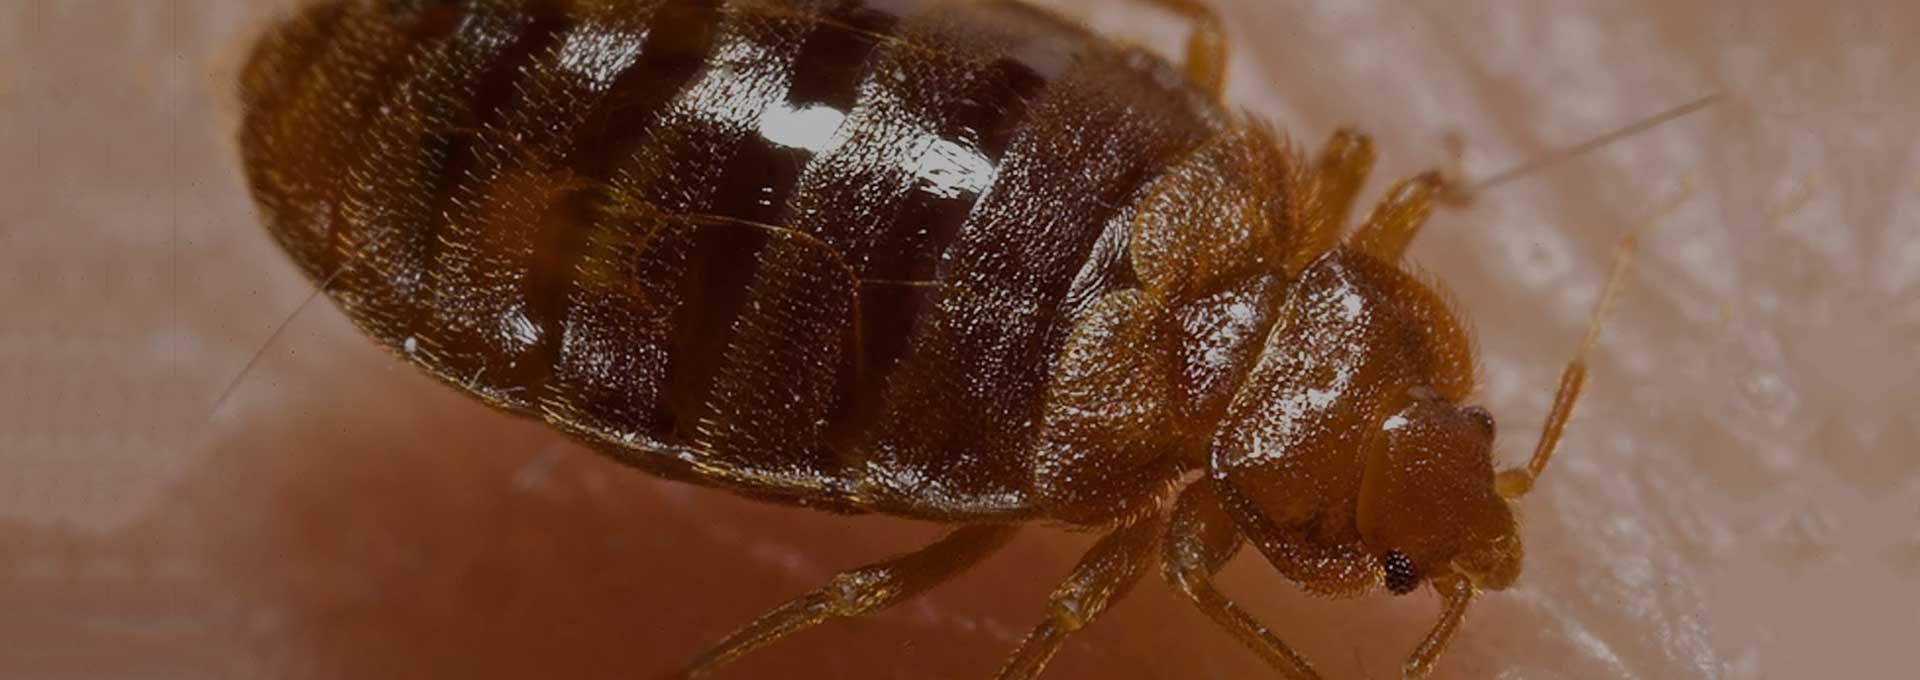 Bed Bug Exterminator Phoenix-AZ